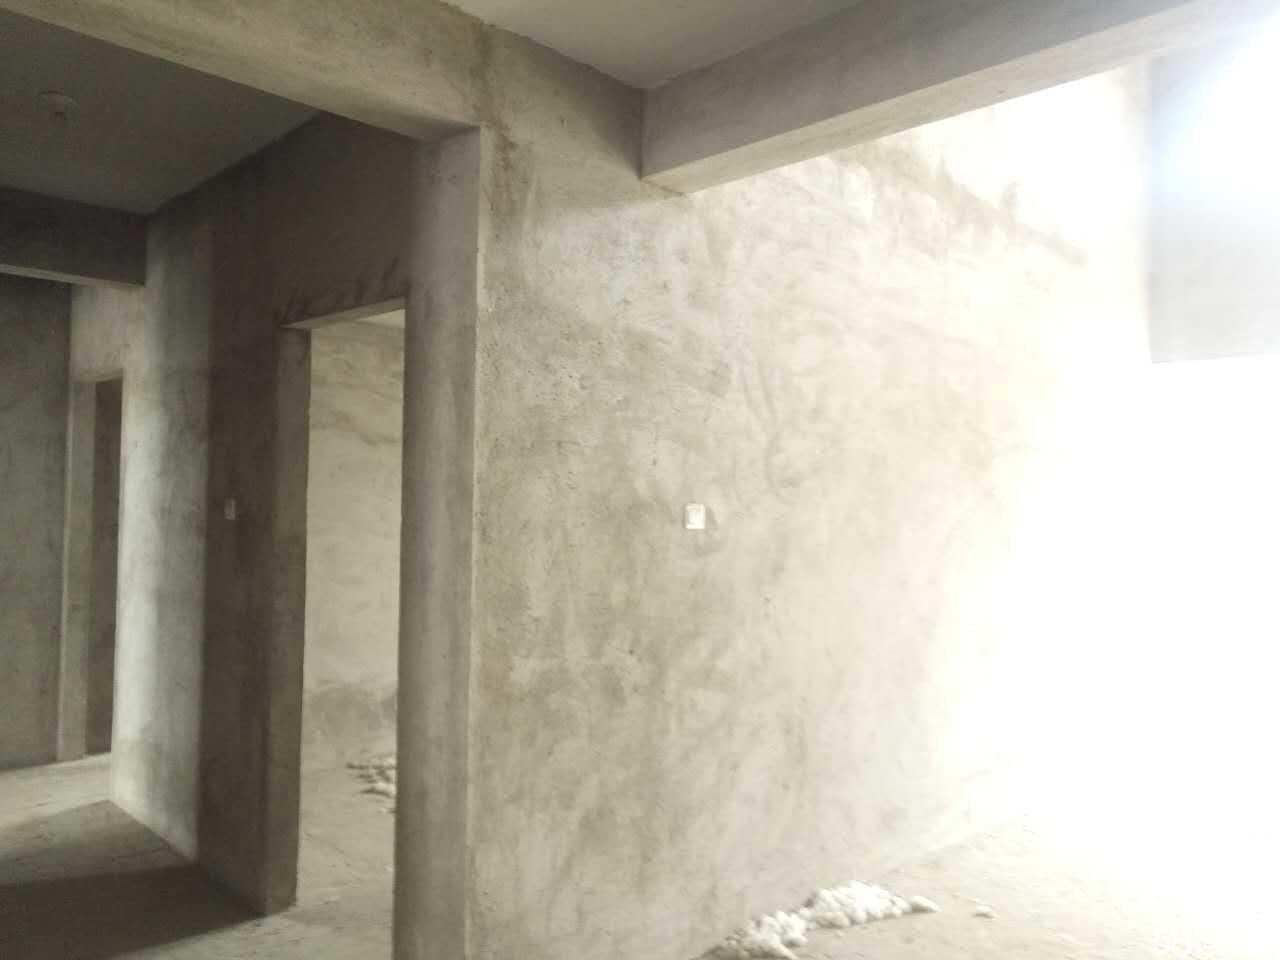 韩城办中央豪庭5室2厅4卫挑空客厅一套房、三代人